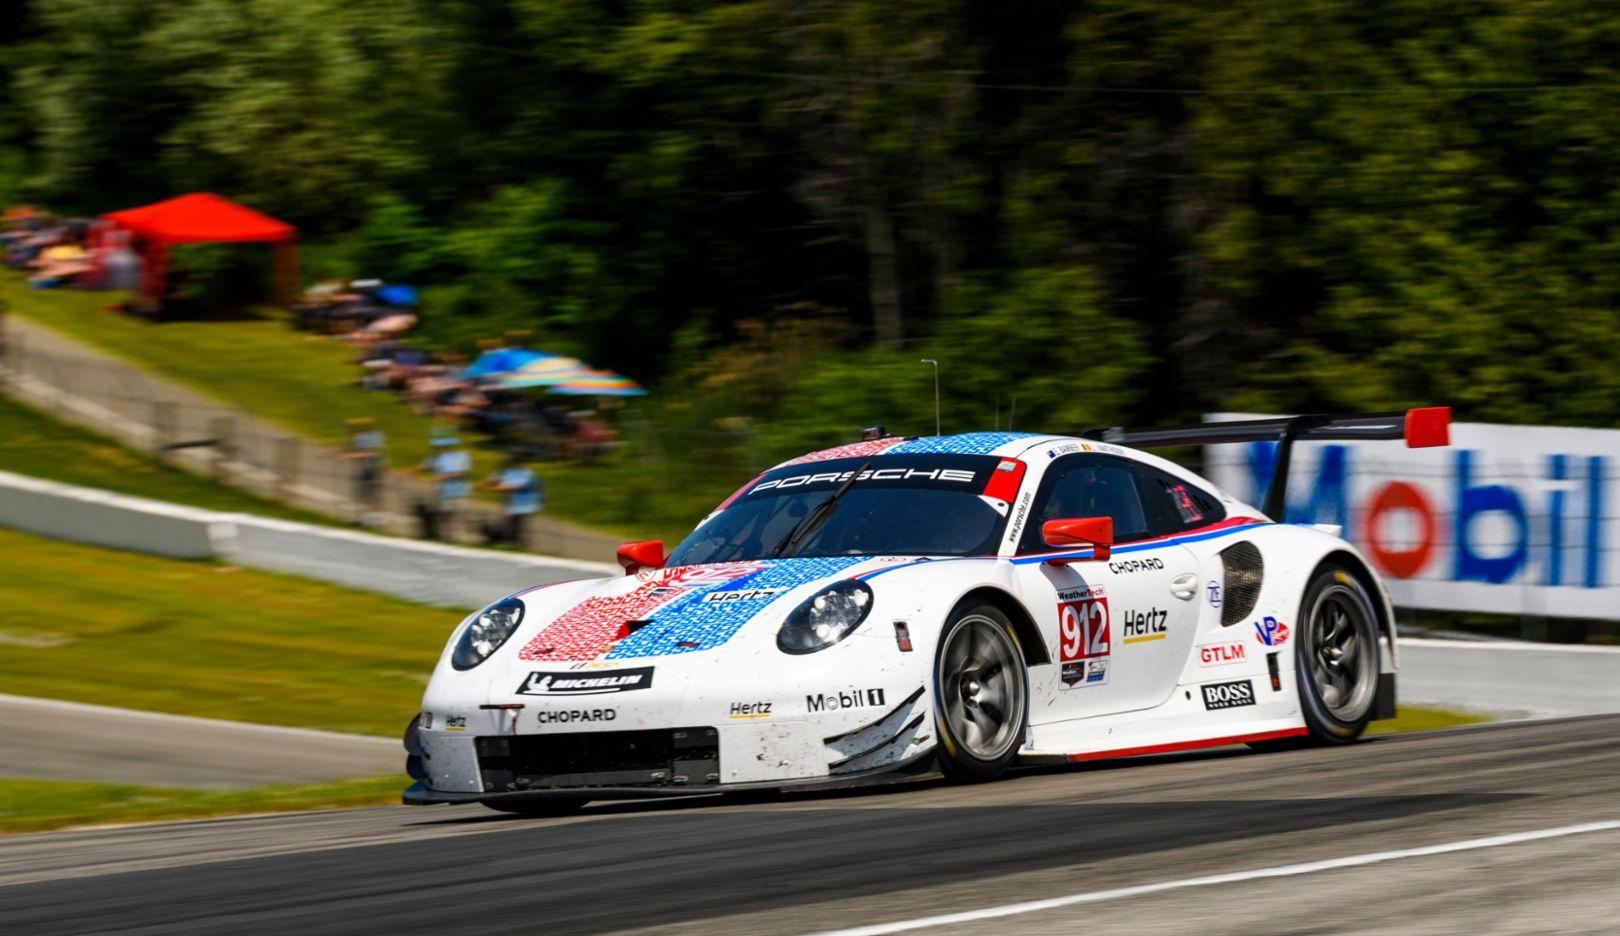 IMSA: New record: Porsche 911 RSR scores fifth straight win